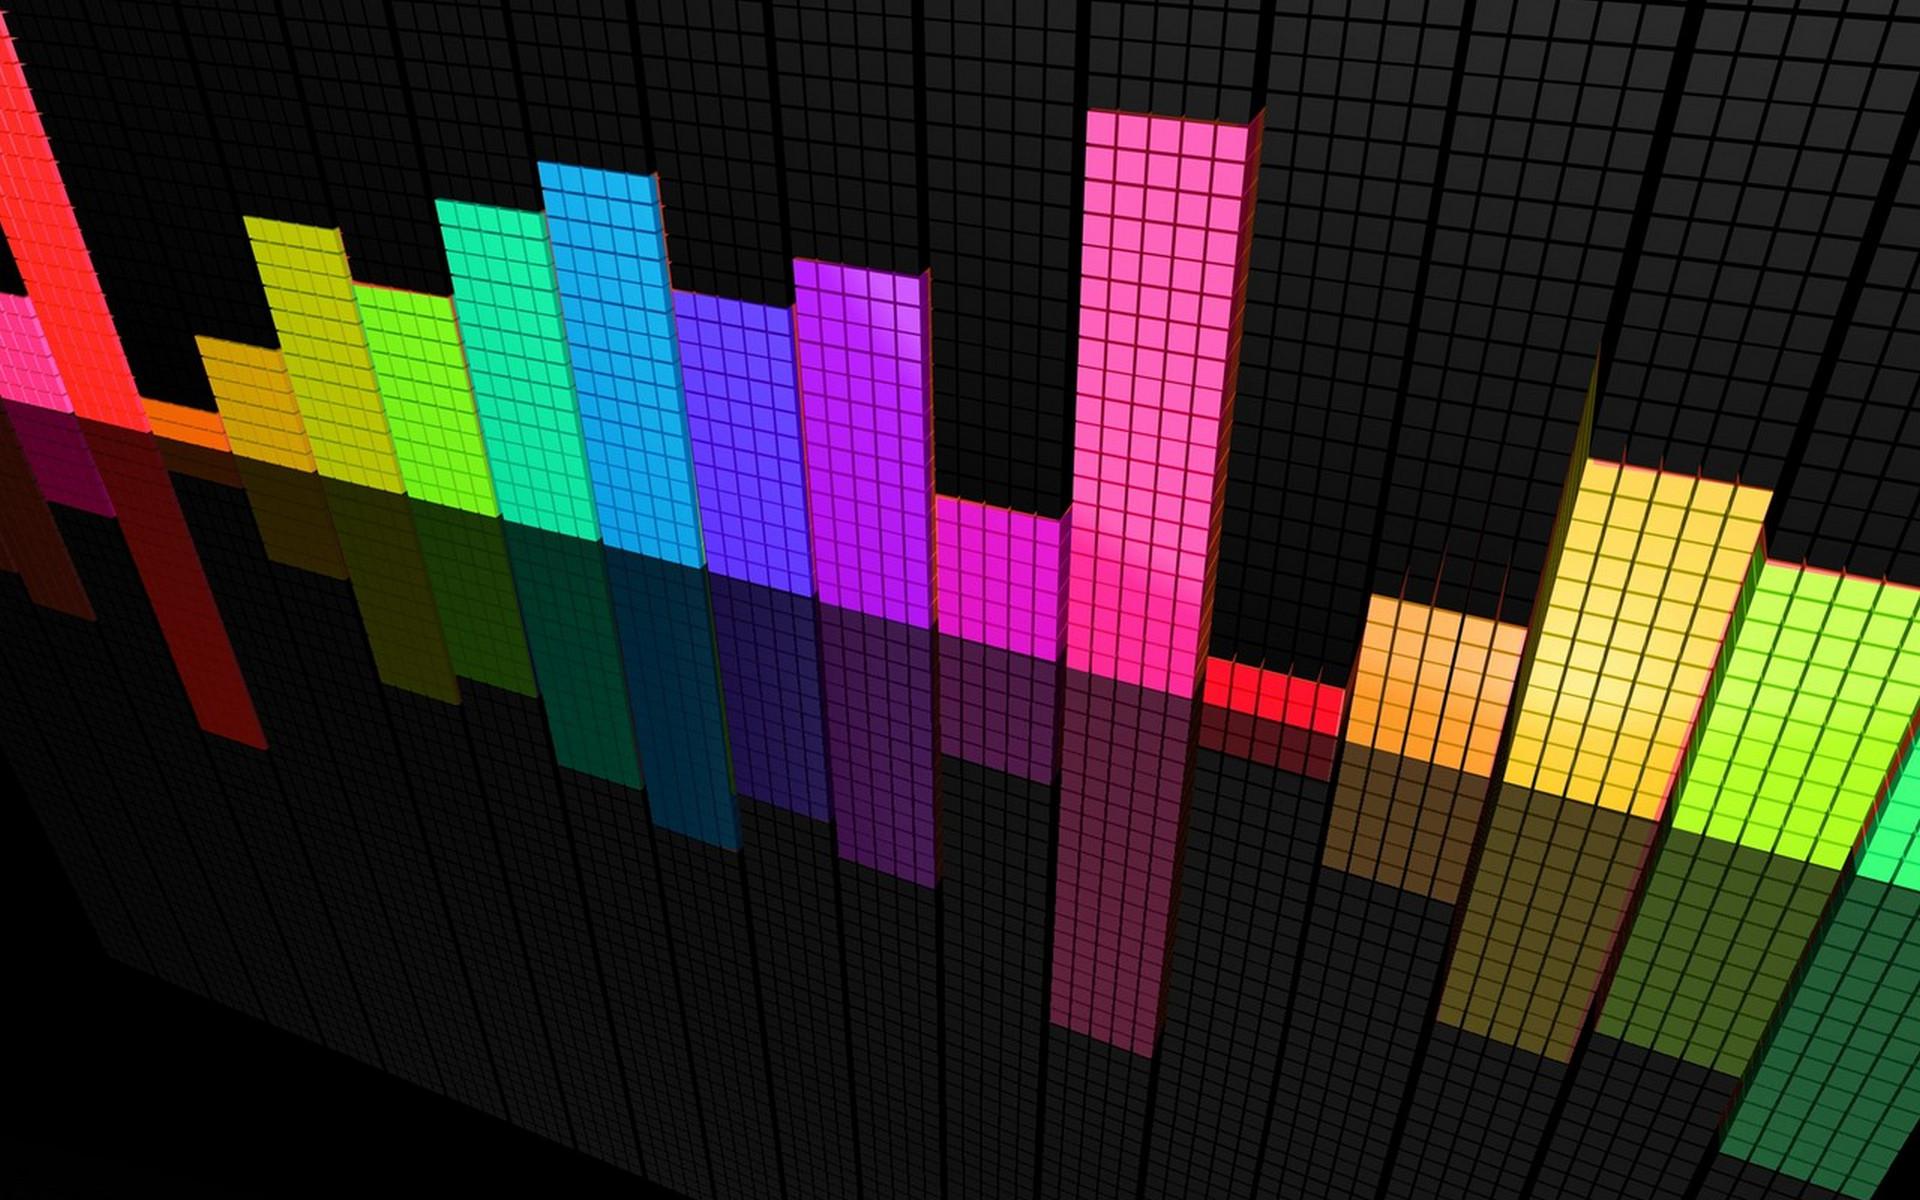 neon-background-music-bars-wallpaper-1920×1200.jpg (1920×